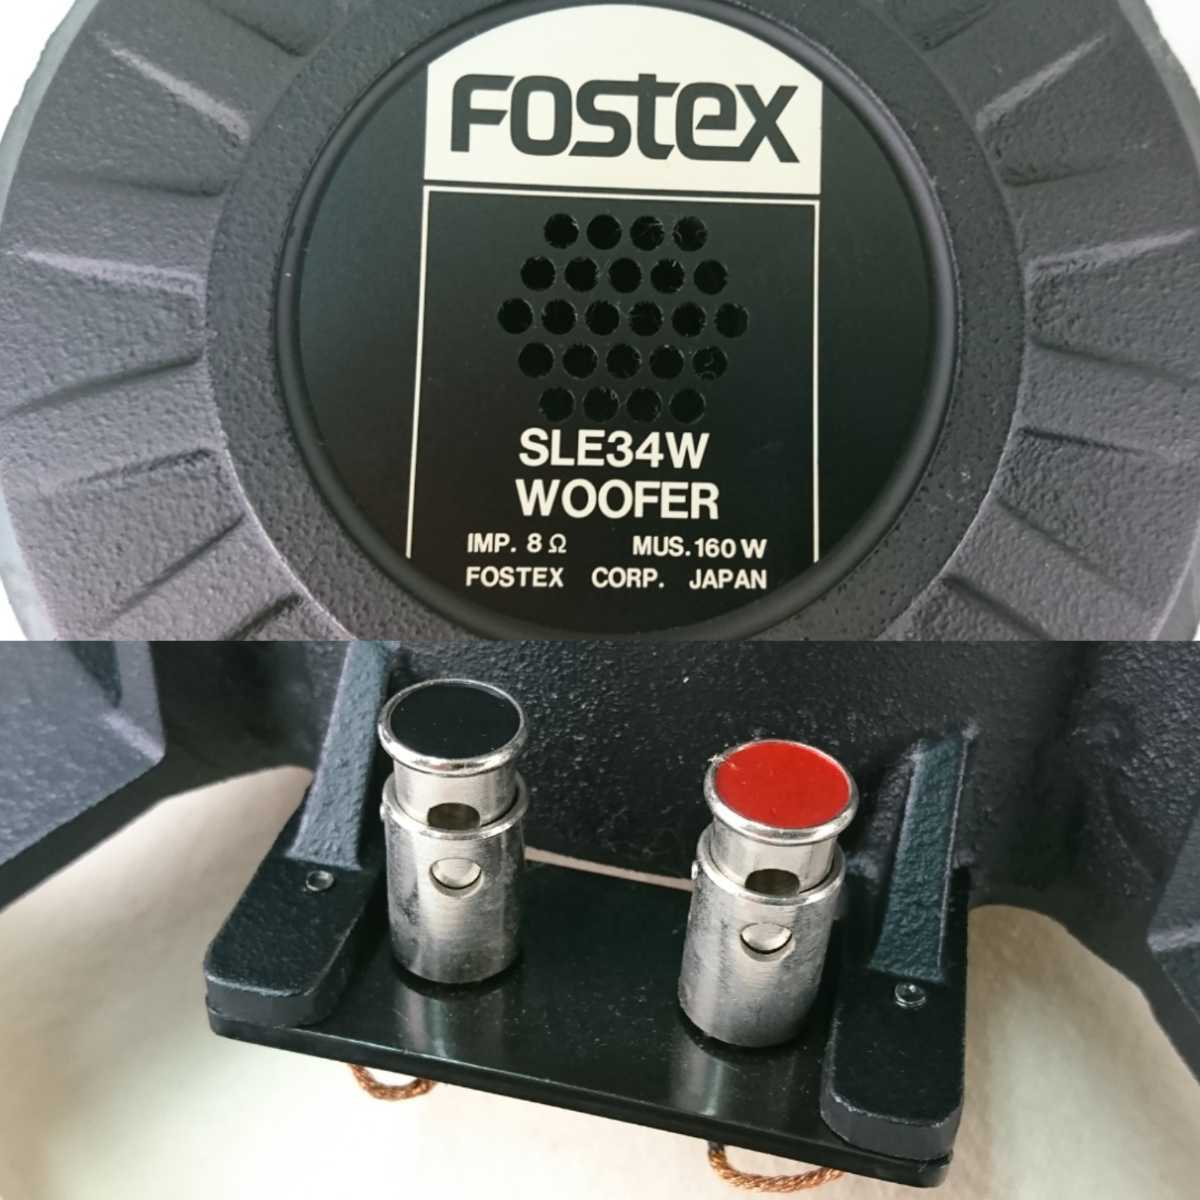 【BK-105】 ★動作確認済み★ Fostex フォステックス エッジレス ウーハー SLE34W WOOFER ウーファー 30cm ペア 2個_画像5